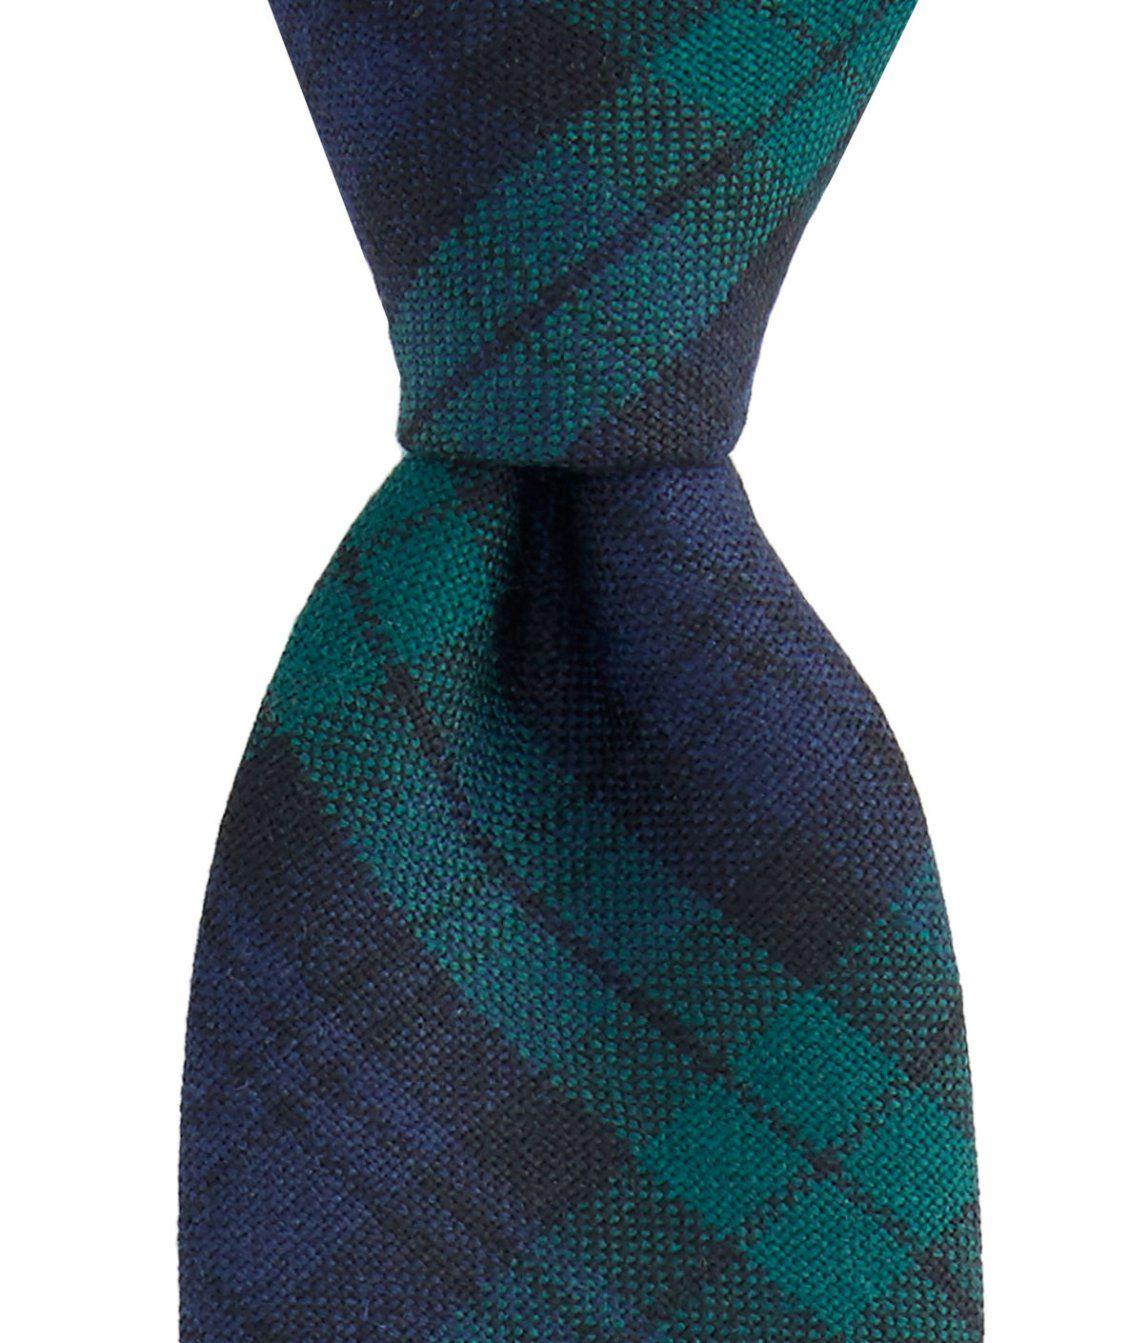 d9a0db6c85c0 Blackwatch Kennedy Skinny Tie   tie one on in 2019   Skinny ties ...